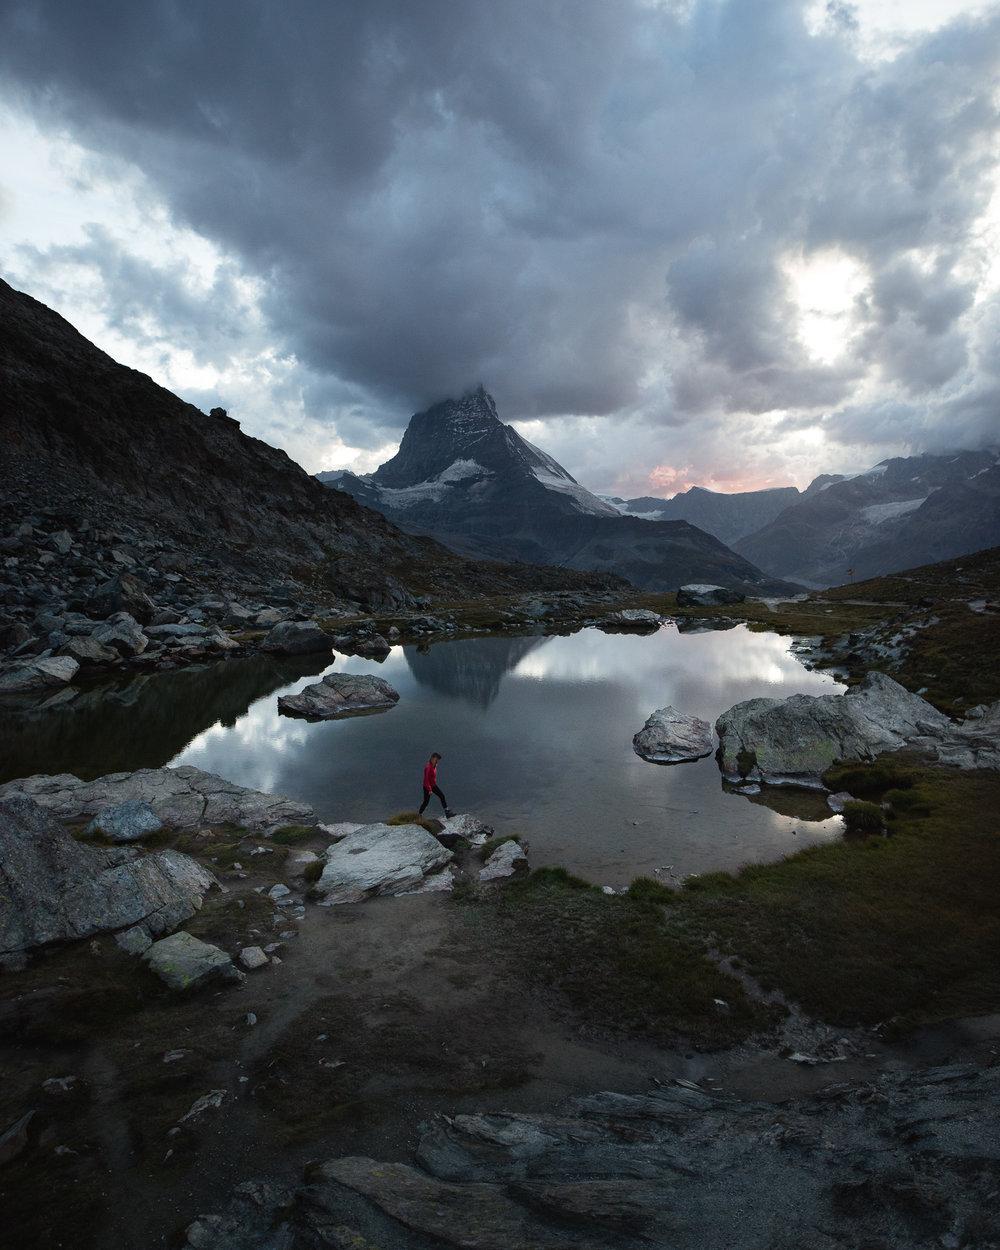 Valais/Wallis Promotion: Into the mountains